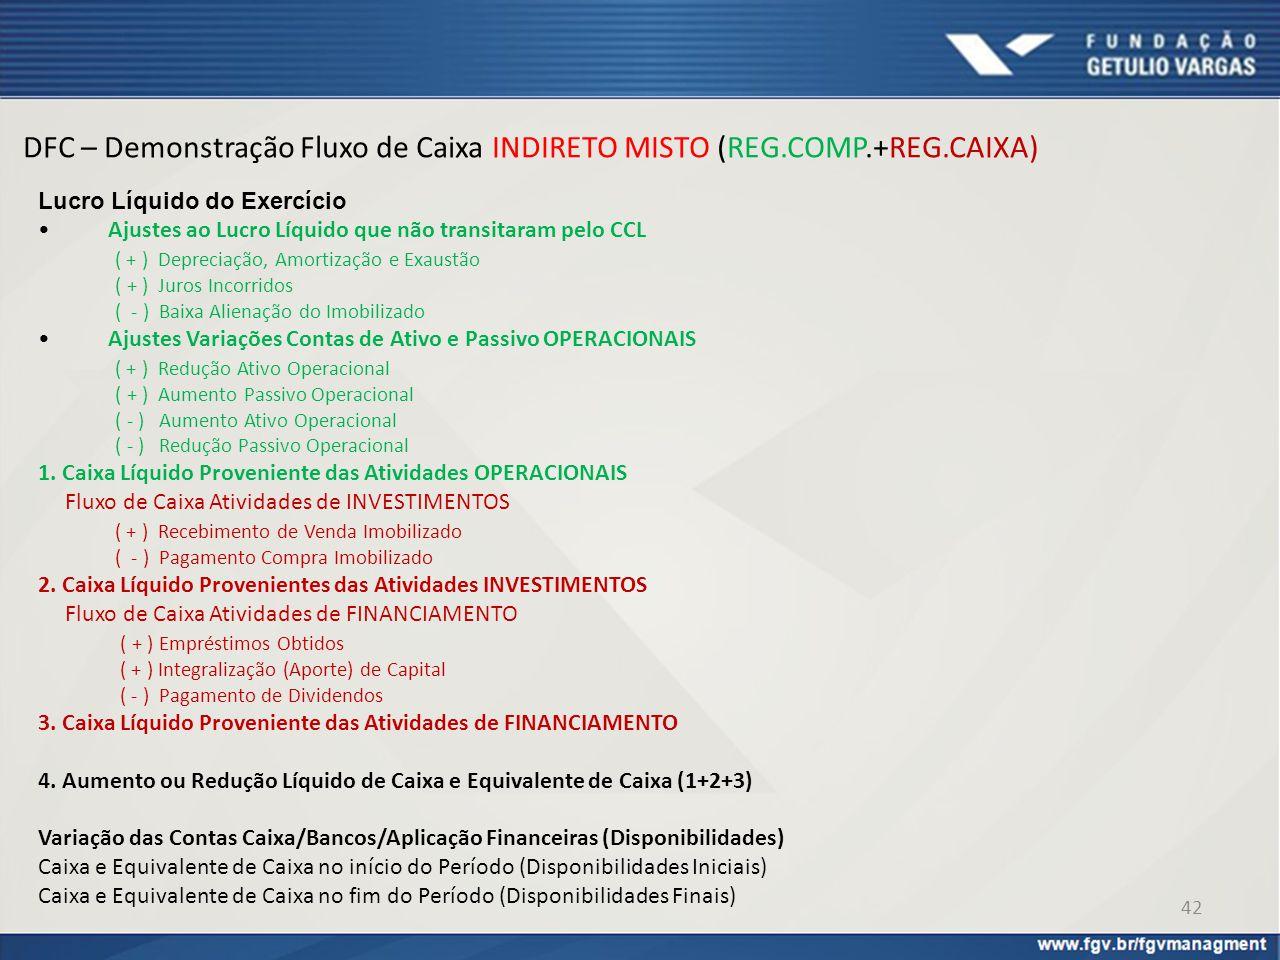 DFC – Demonstração Fluxo de Caixa INDIRETO MISTO (REG.COMP.+REG.CAIXA)